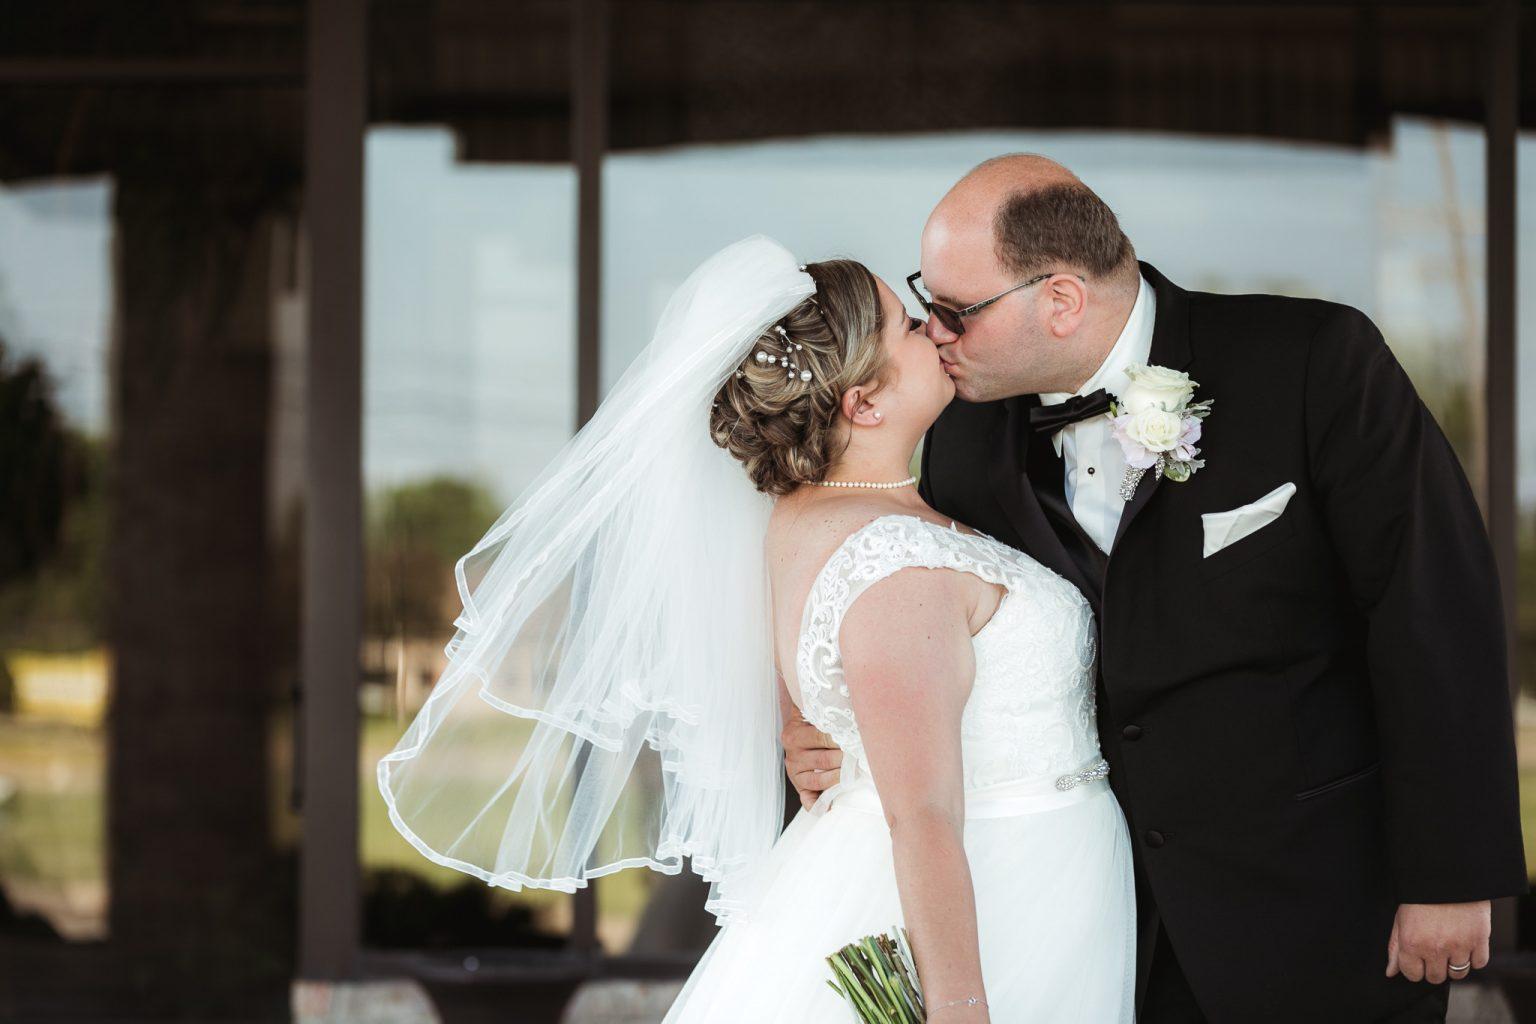 Summer wedding at Alexander's Banquet Center in Marysville, MI.